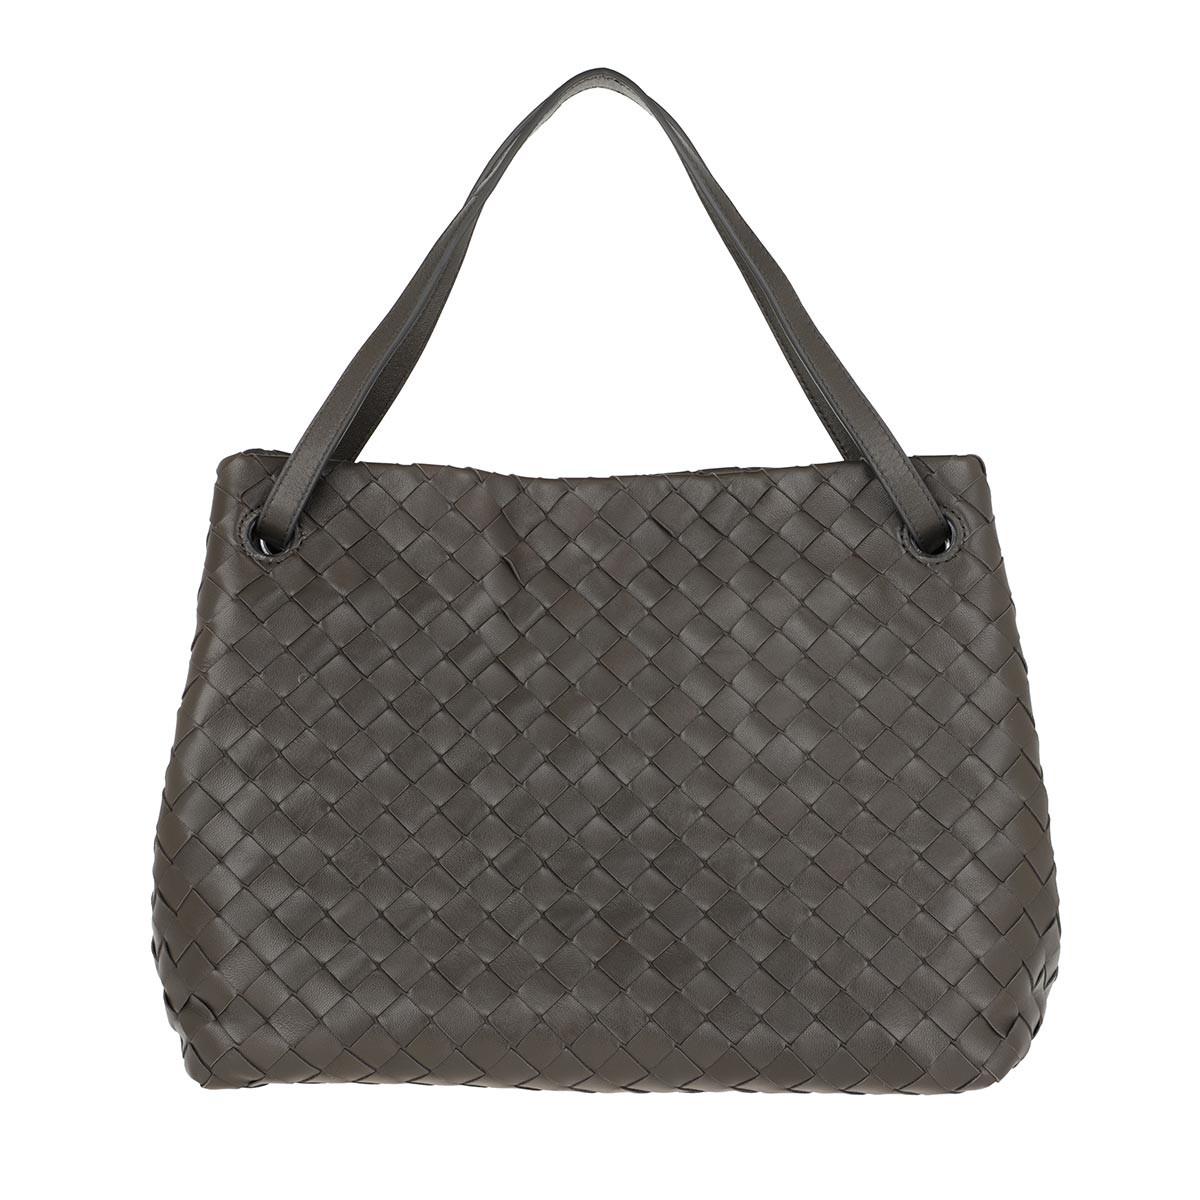 Bottega Veneta Tote - Intrecciato Tote Bag Leather Light Graphite - in grau - für Damen